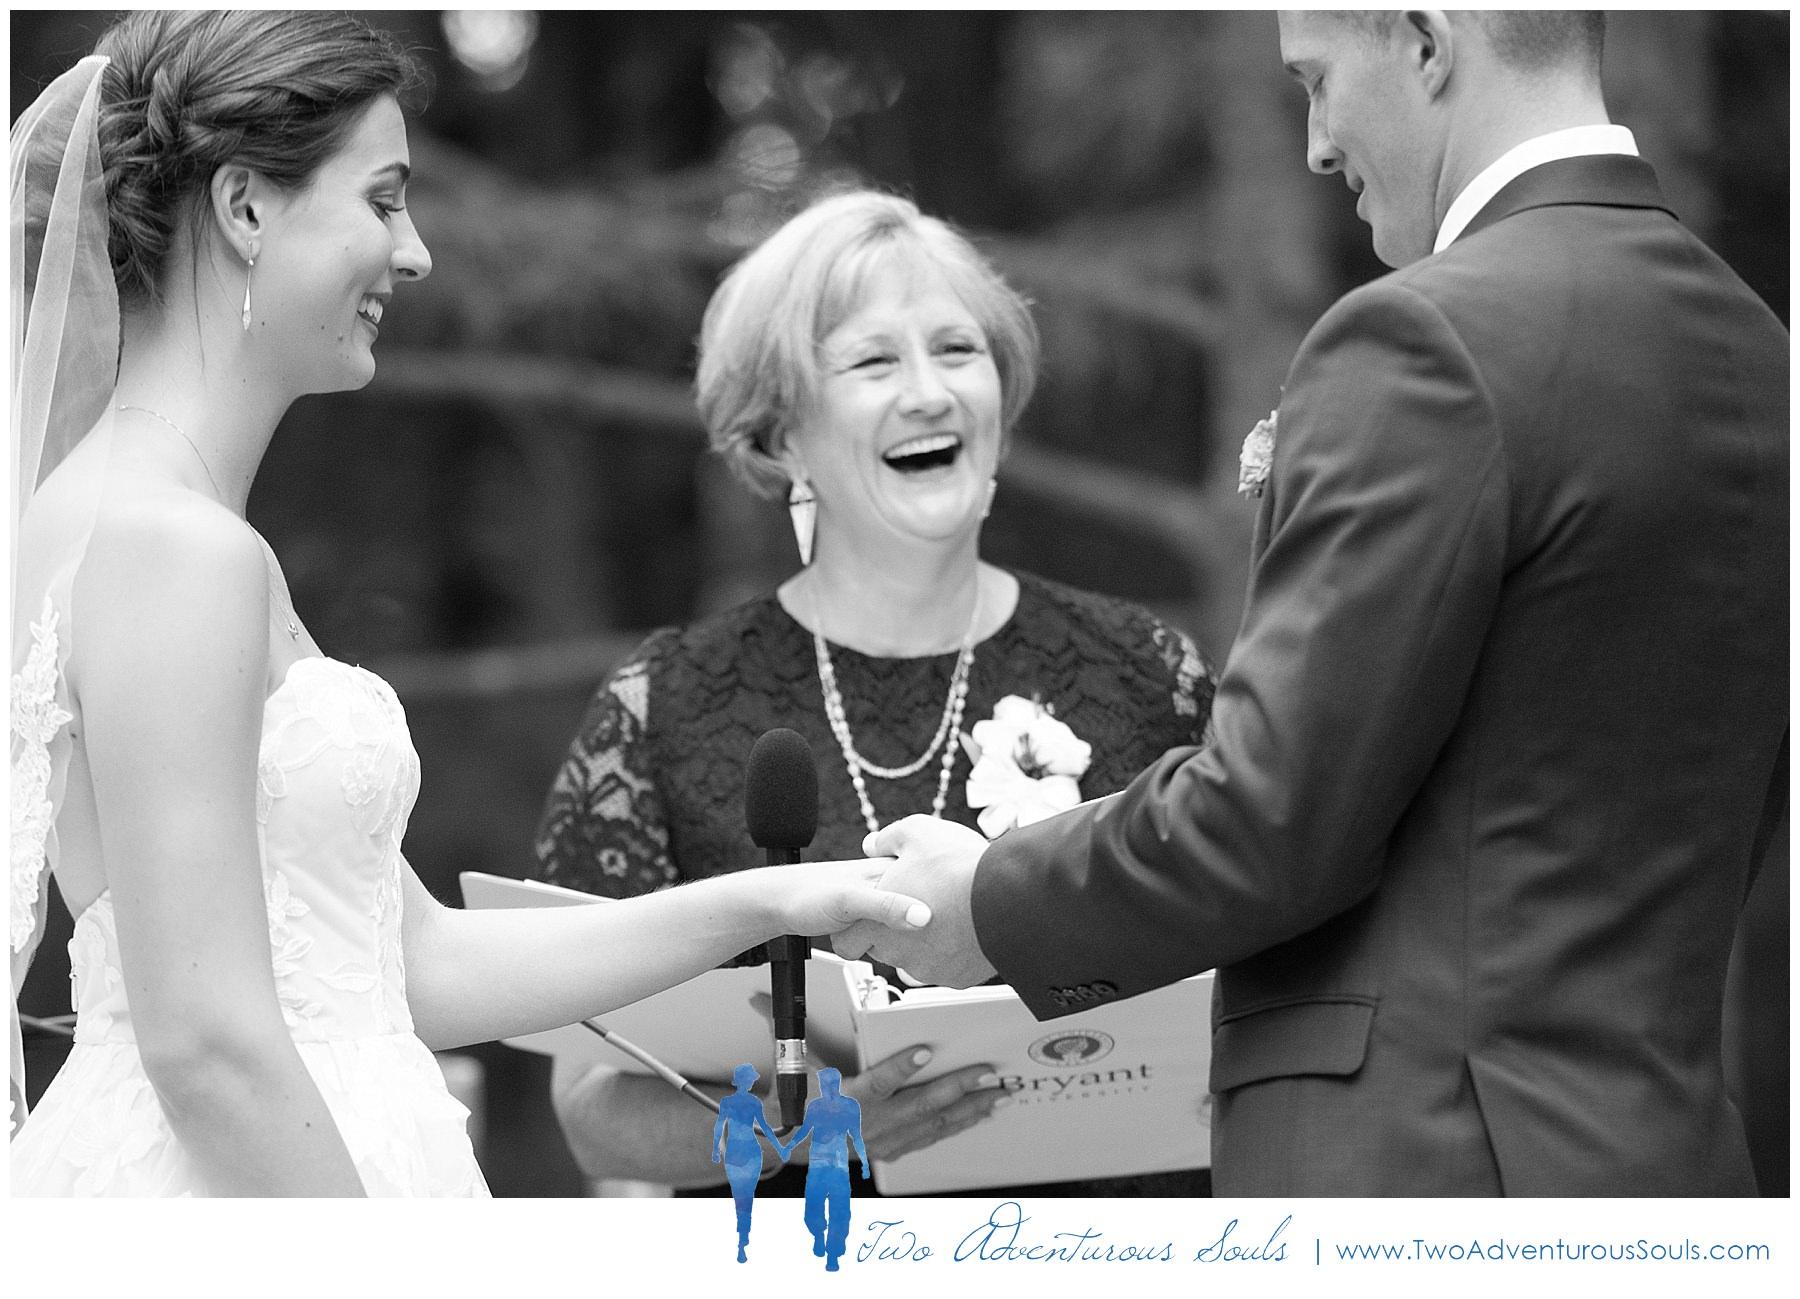 Maine Wedding Photographers, Granite Ridge Estate Wedding Photographers, Two Adventurous Souls - 080319_0042.jpg